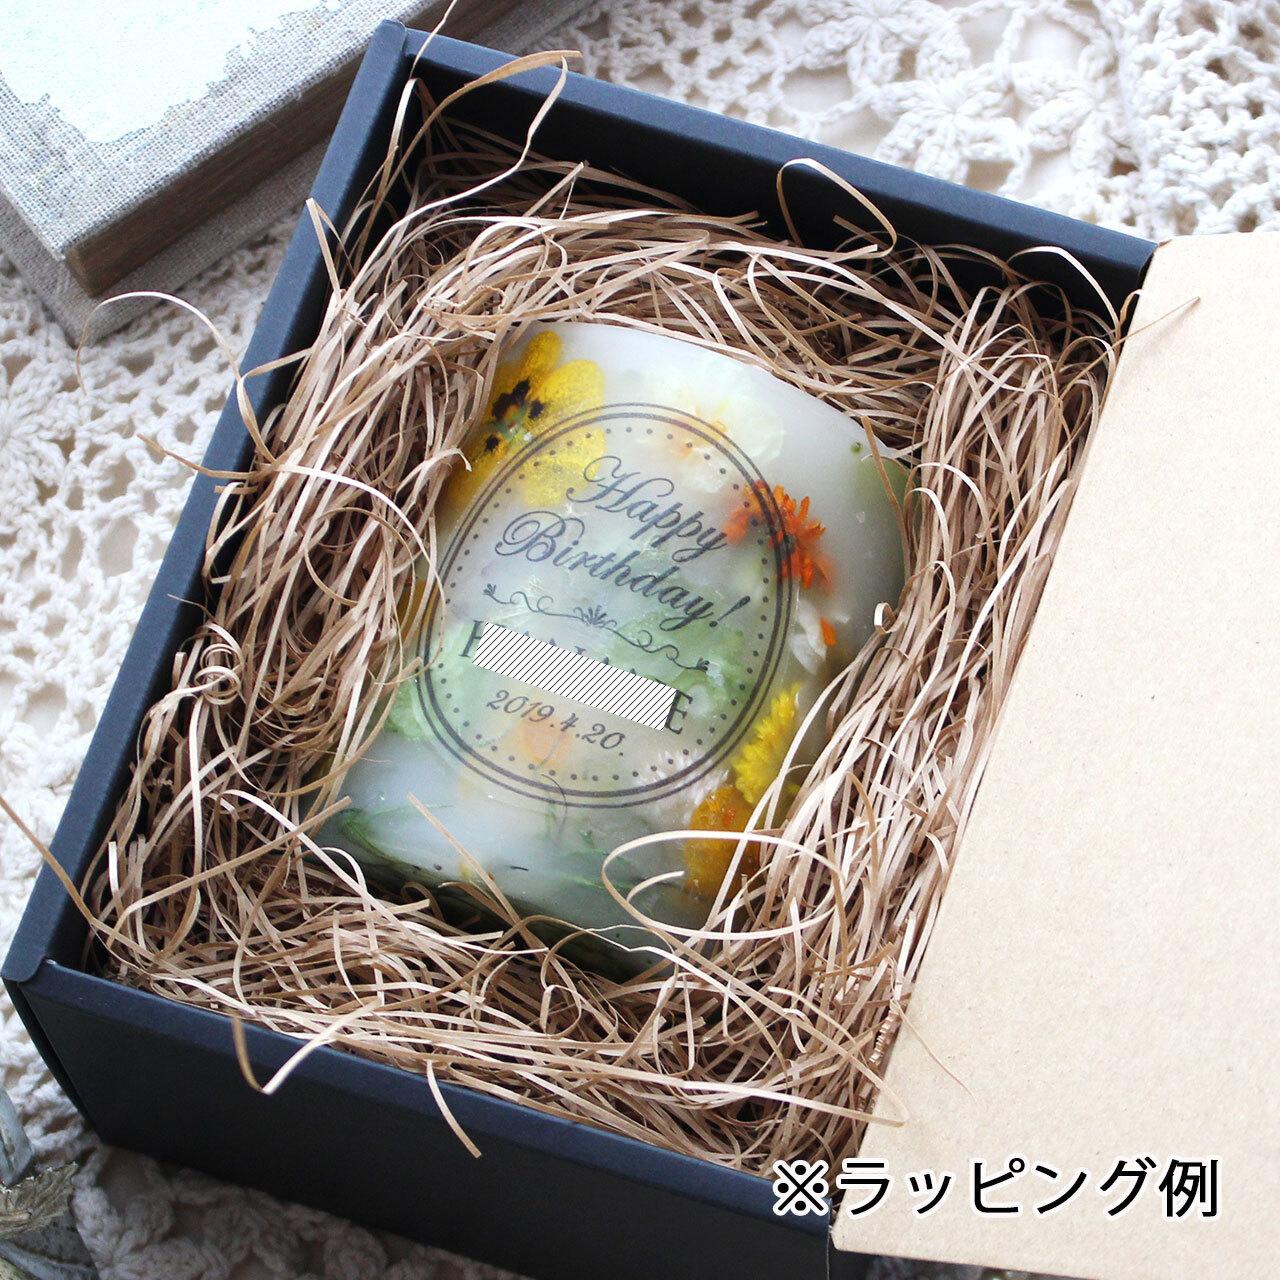 NC296 ギフトラッピング付き☆メッセージ&日付&名入れボタニカルキャンドル ローズ